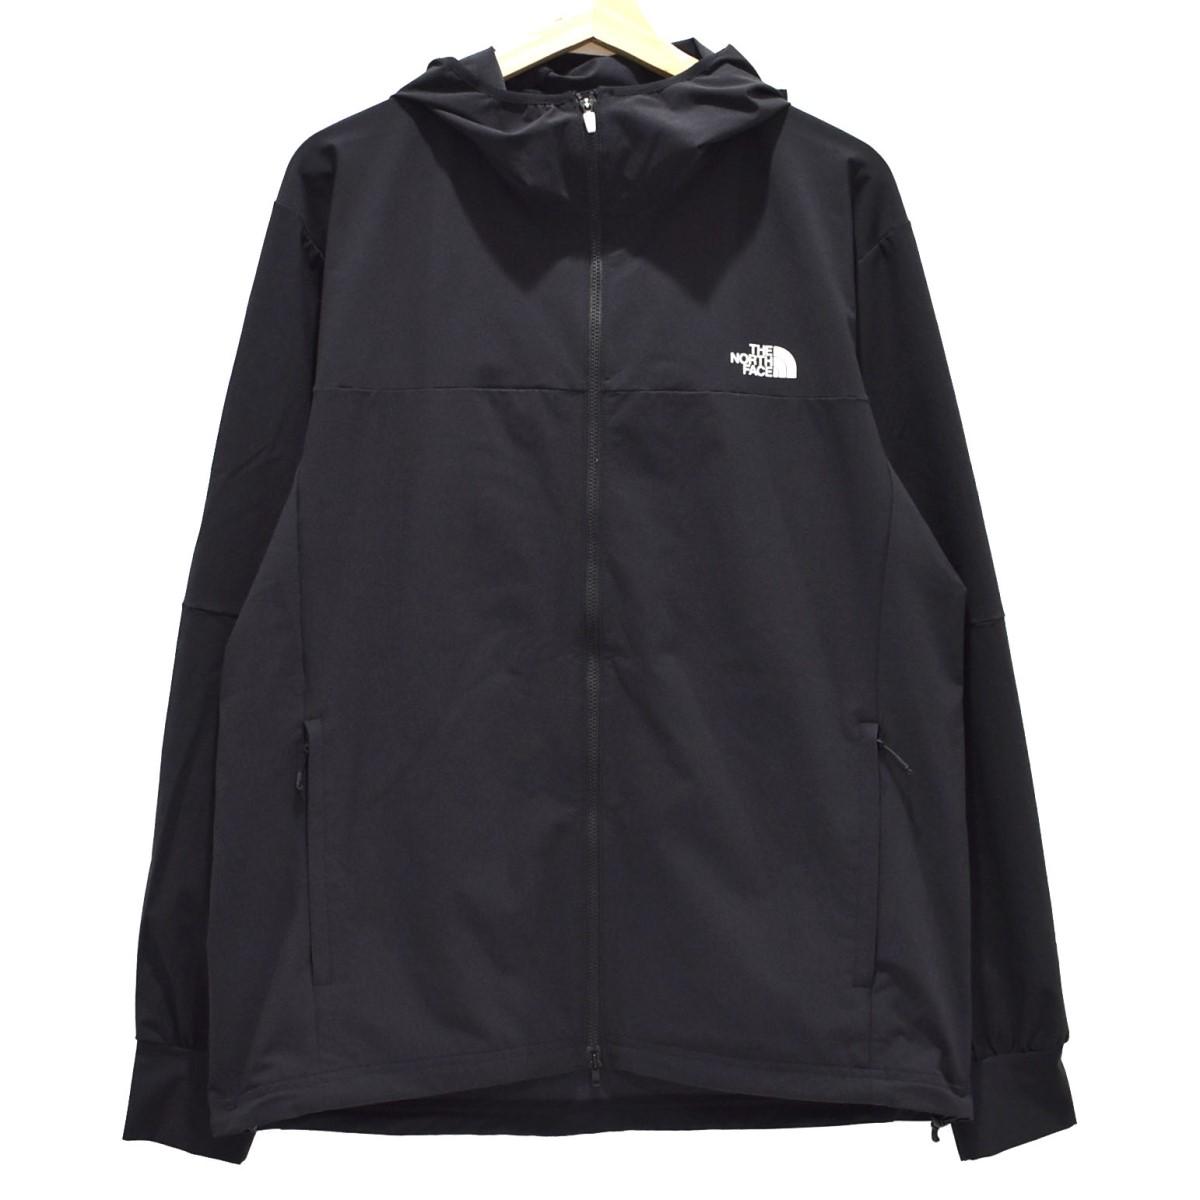 【中古】THE NORTH FACE APEX Flex Hoodie ジップアップパーカー ブラック サイズ:XL 【060620】(ザノースフェイス)